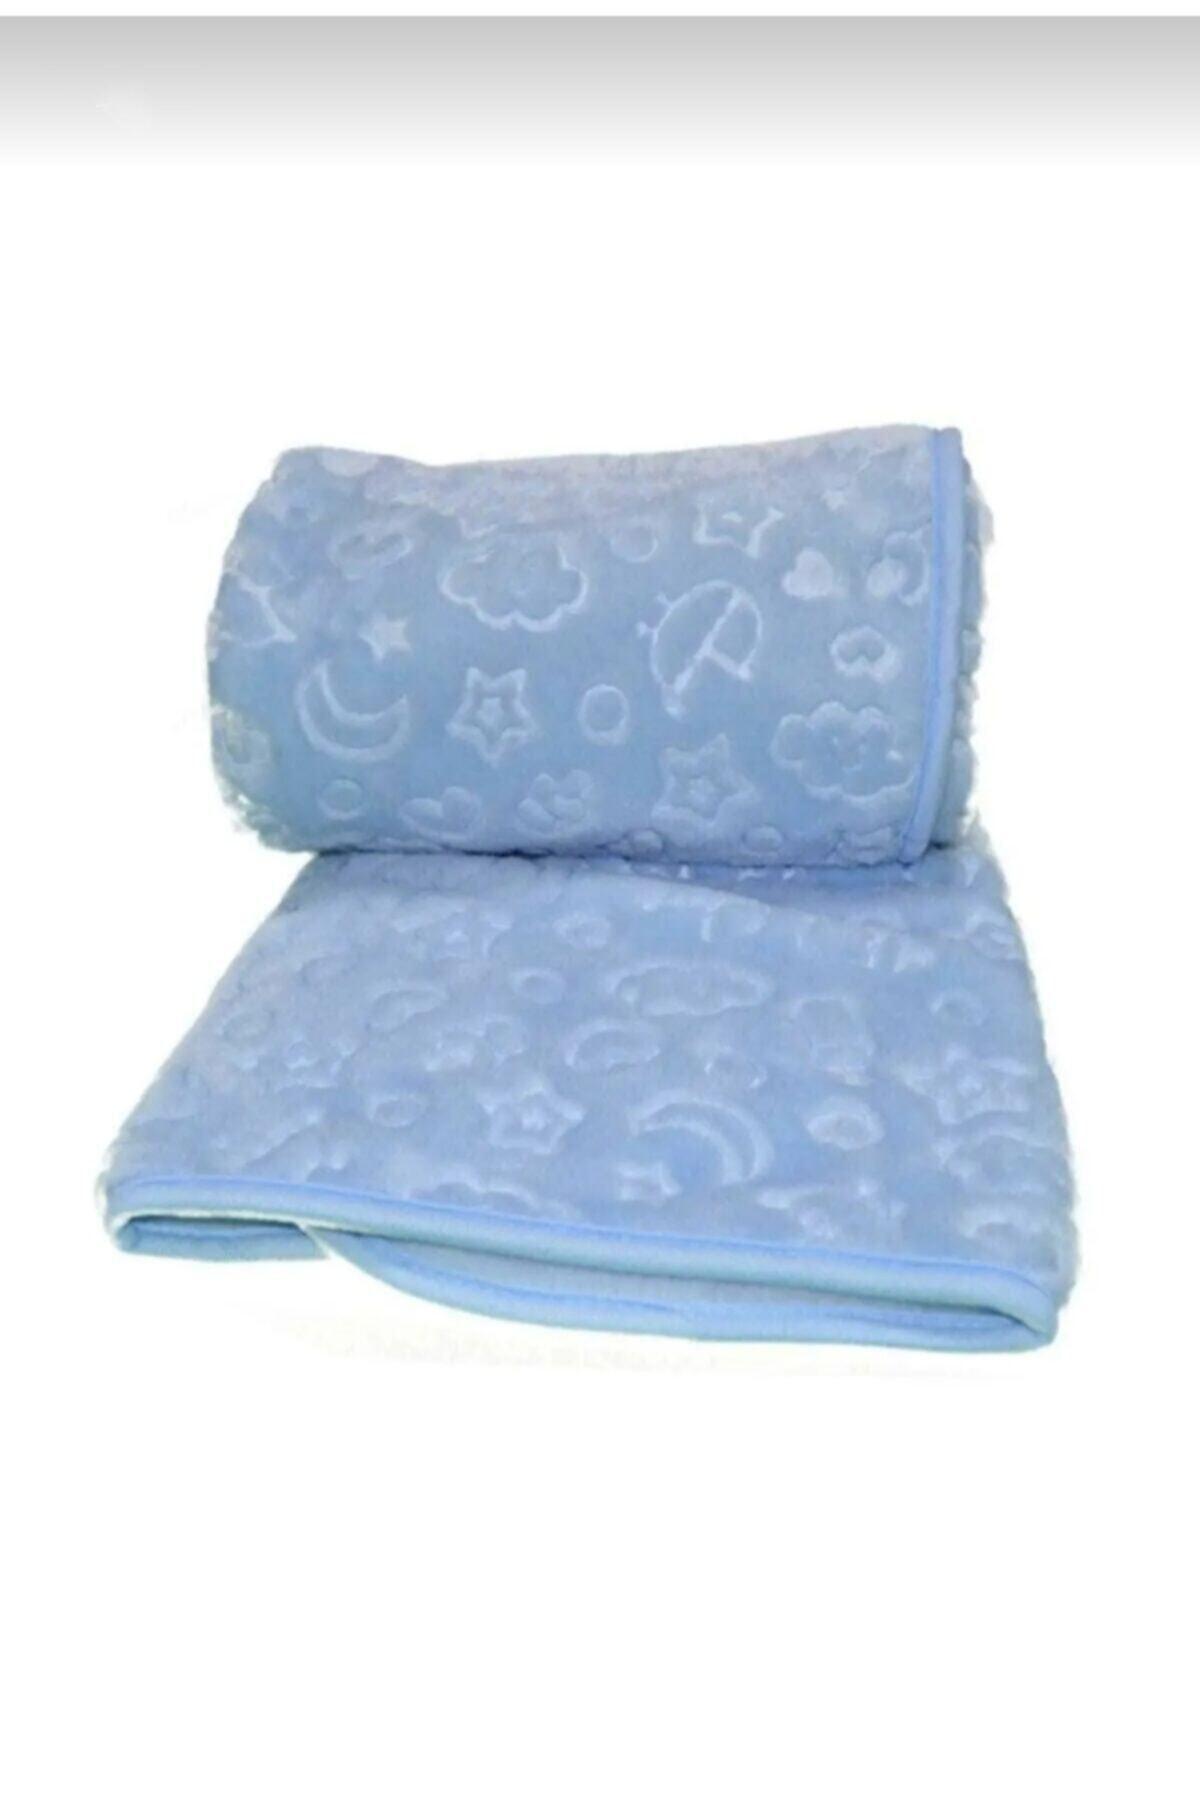 Özdilek Embos Bebek Battaniyesi Kabartmalı - Mavi - Kutu Ambalajlı 1